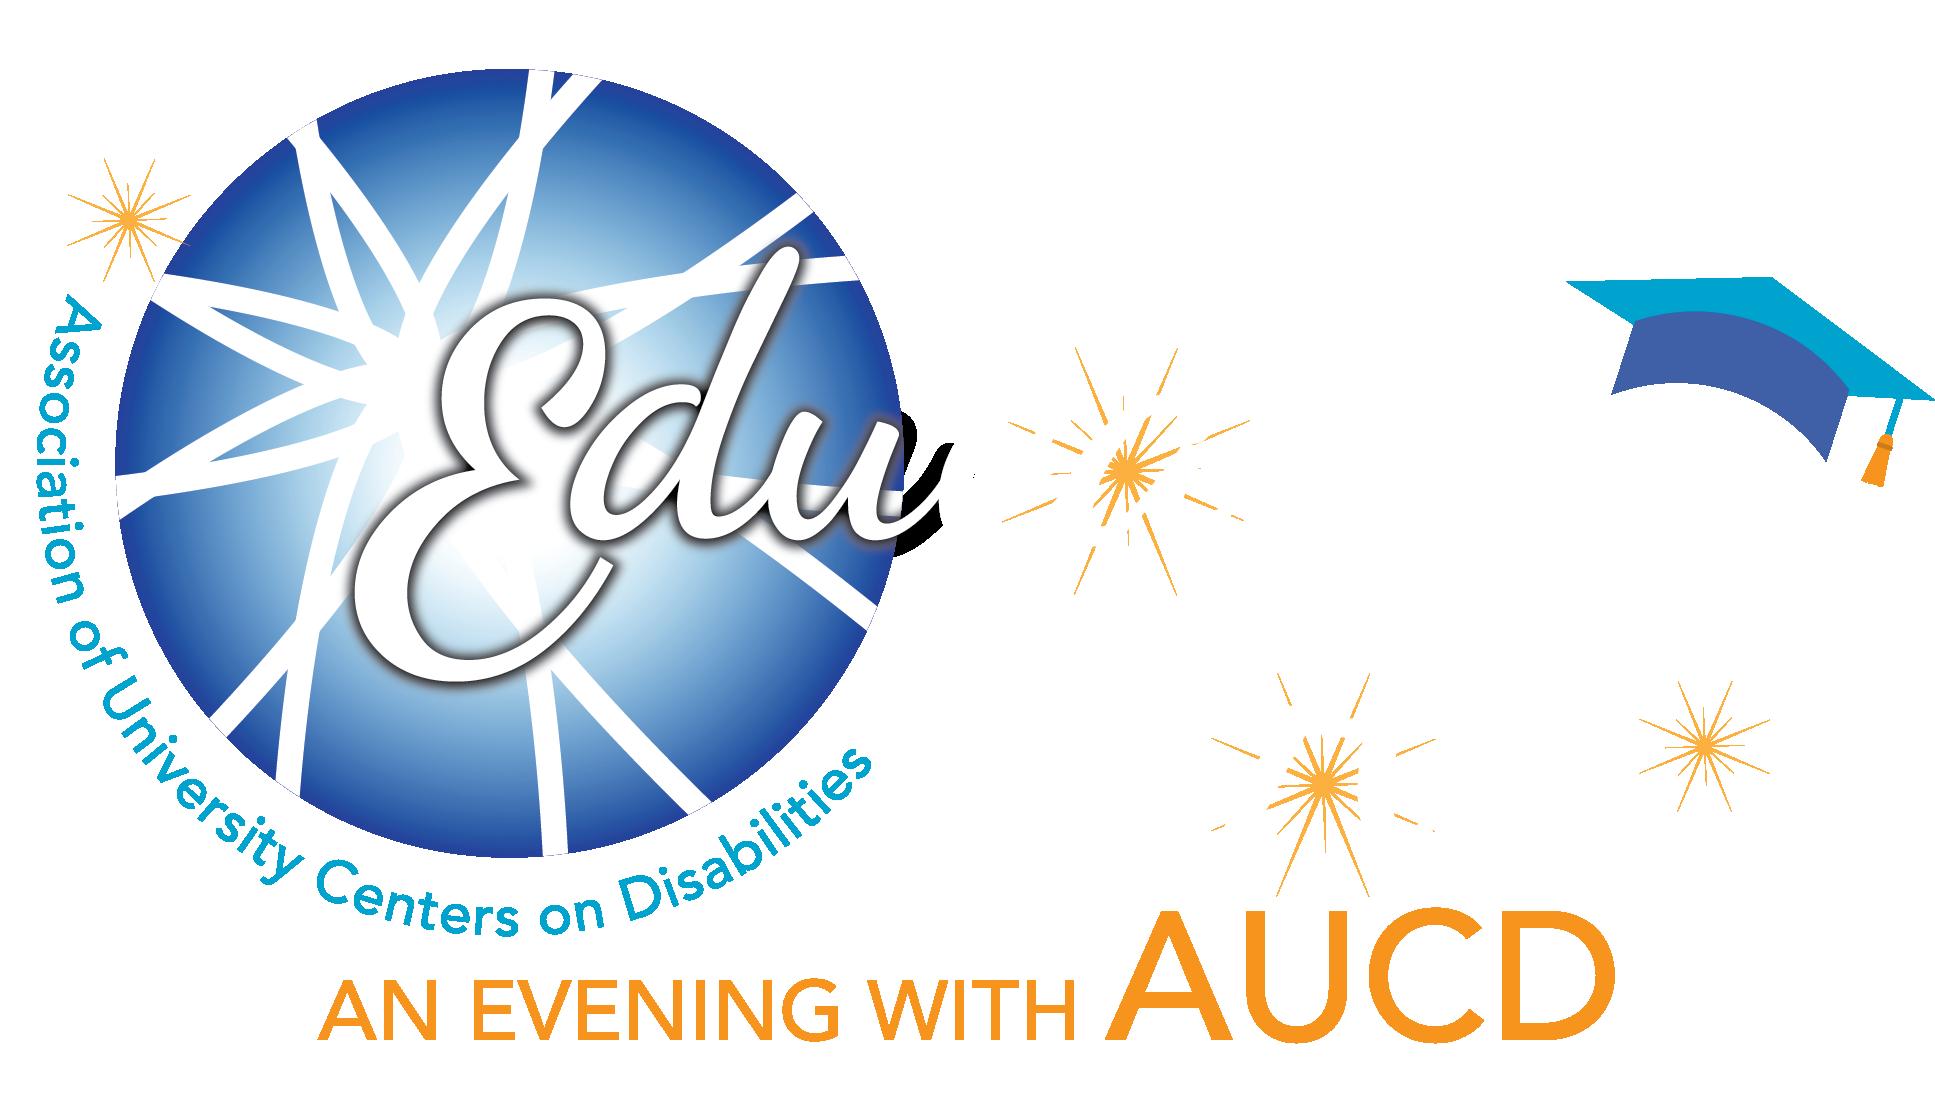 AUCD Gala 2016, Education for ALL